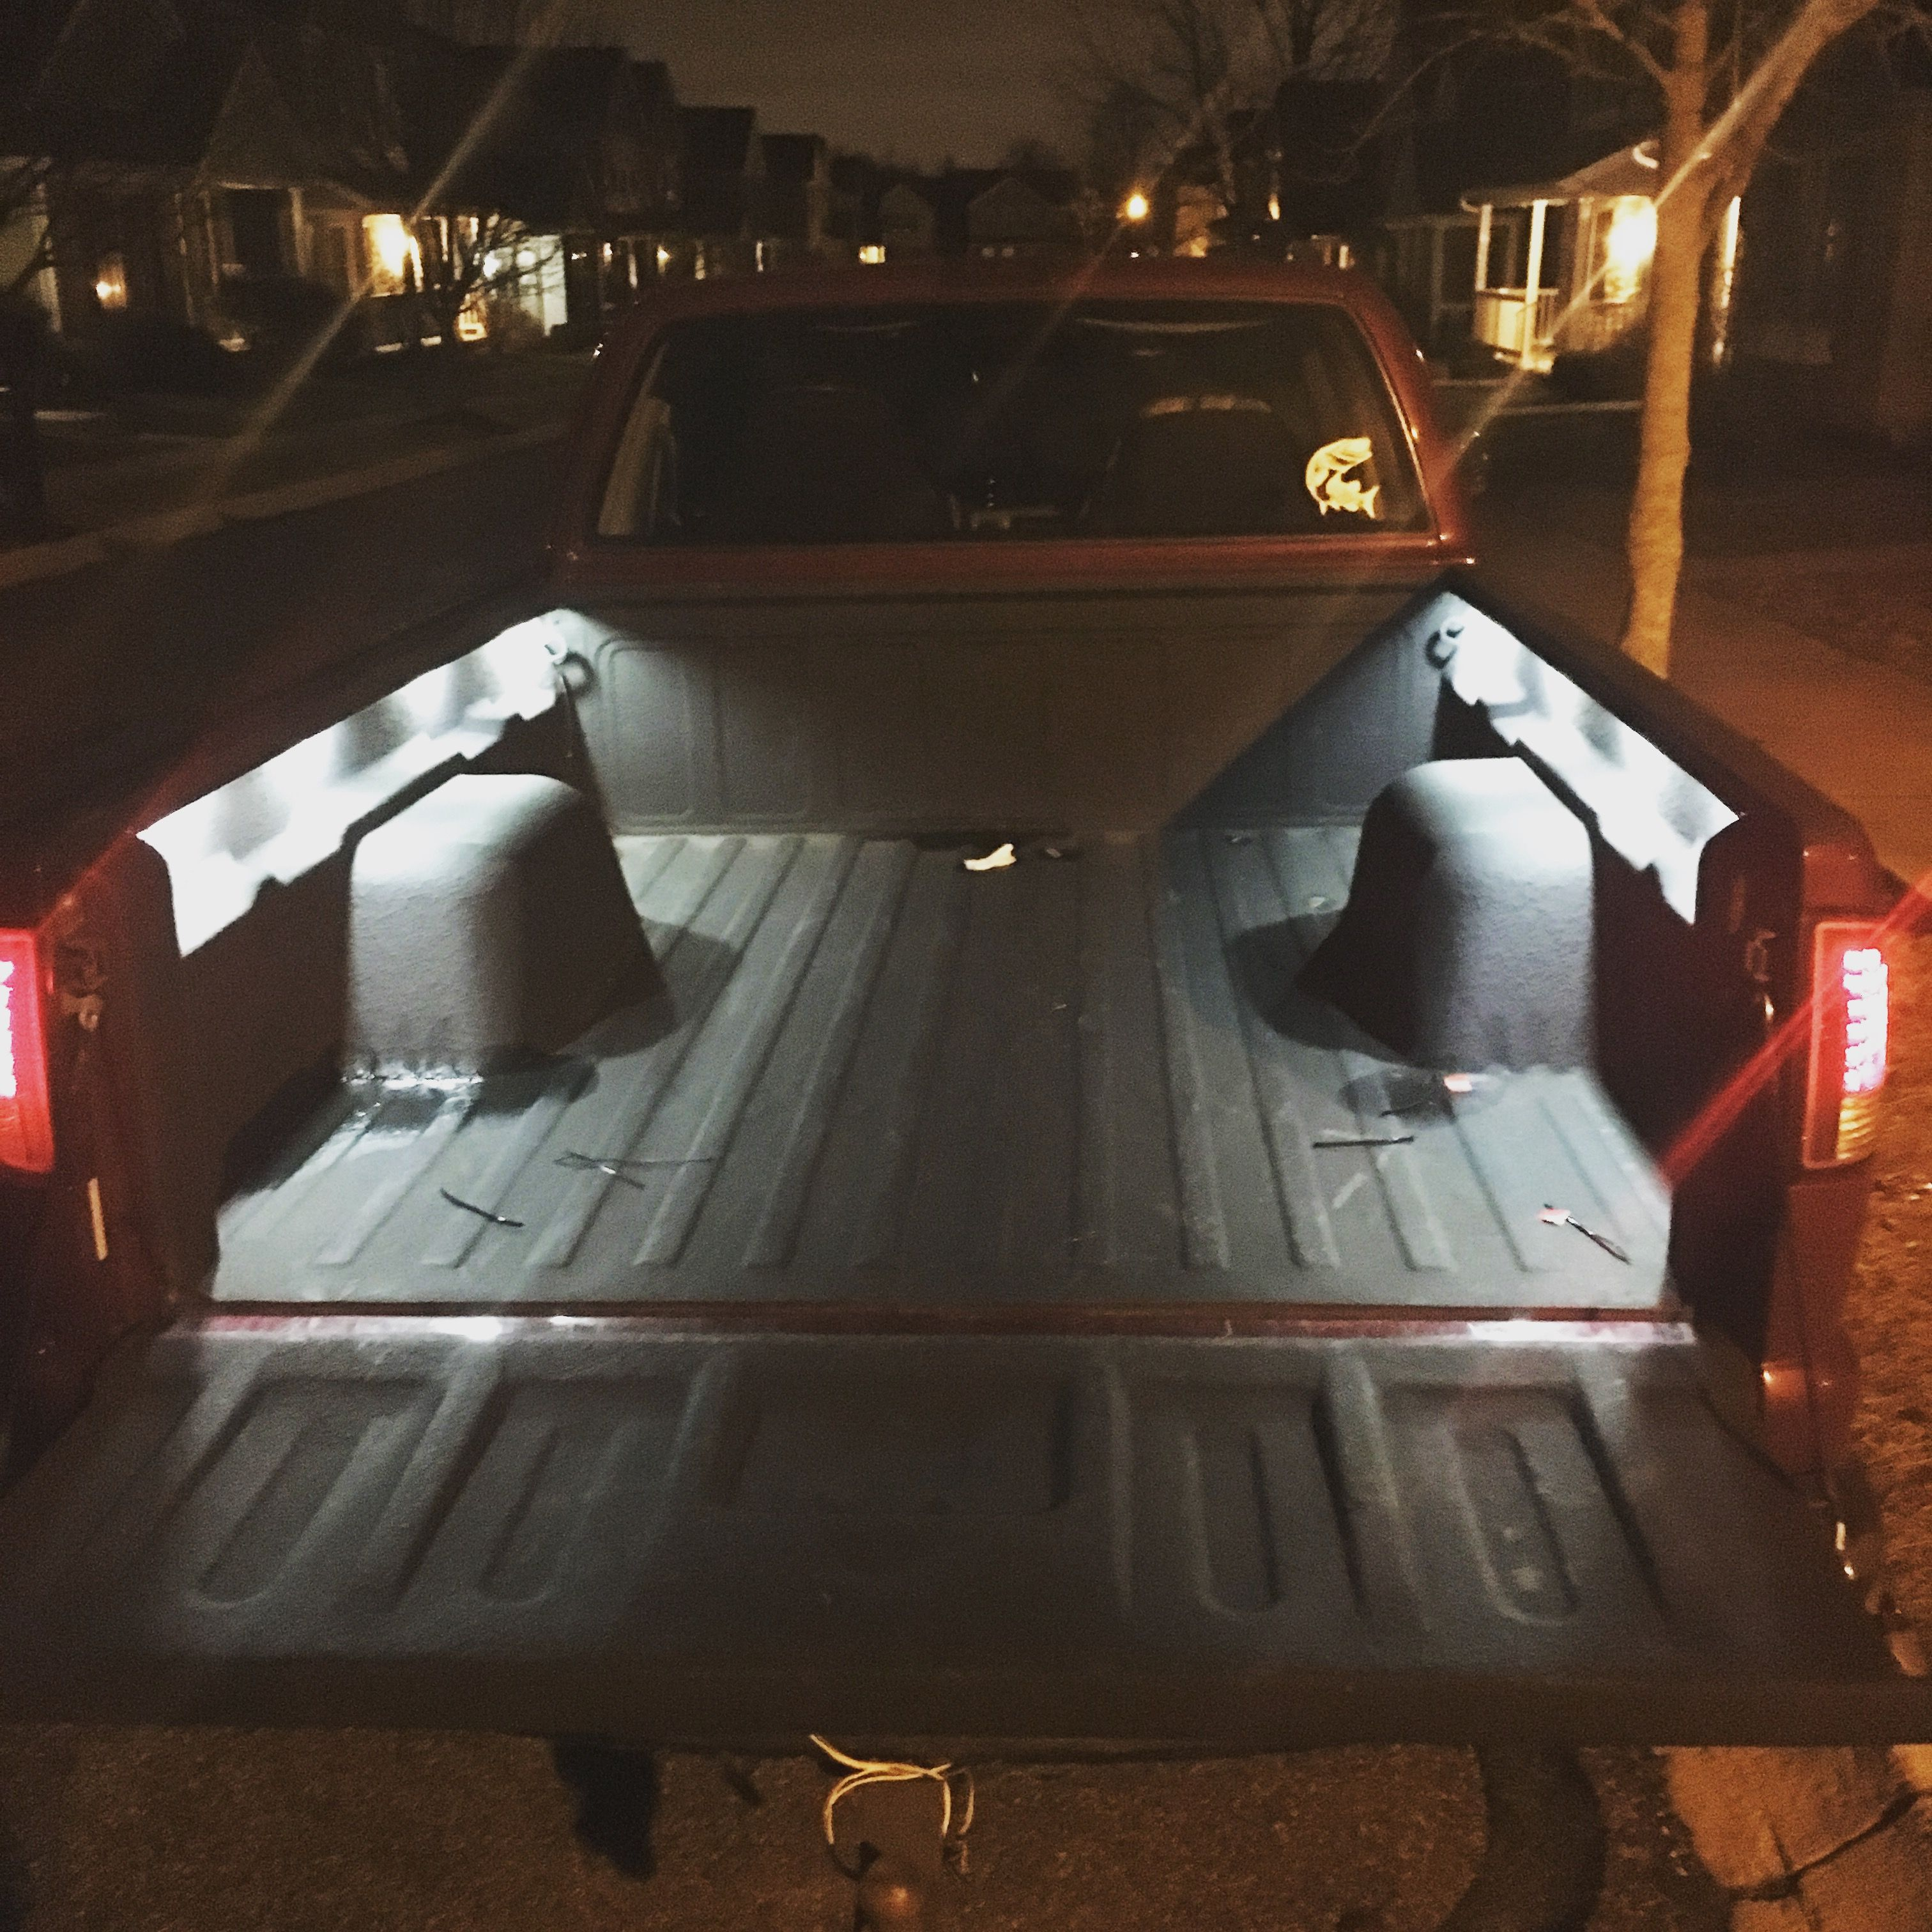 Bed light kit Bed lights, S10 pickup, Bed